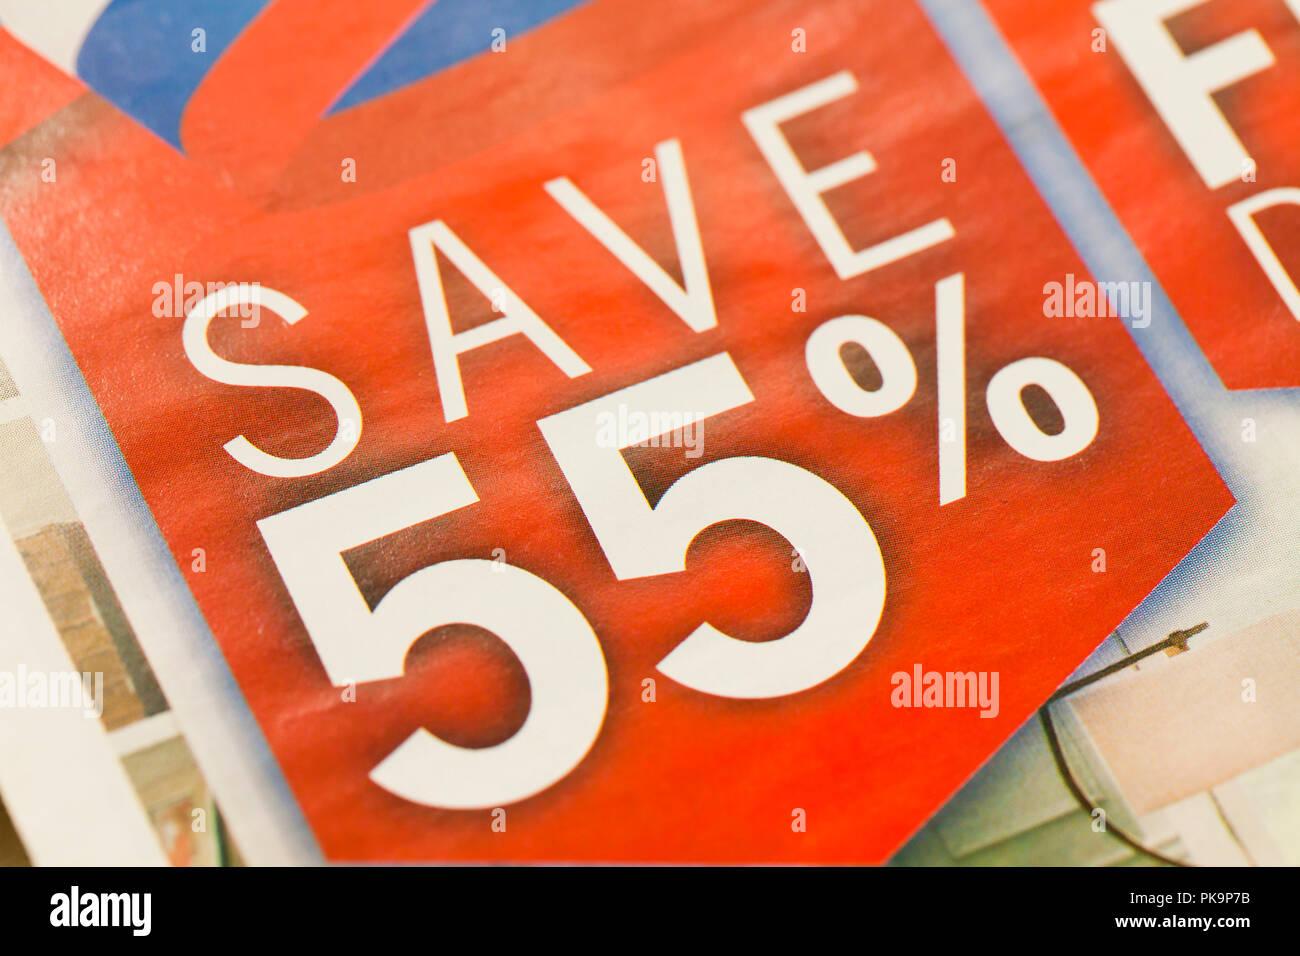 Save 55%  mensaje en publicidad impresa - EE.UU Foto   Imagen De ... 64572f0a418